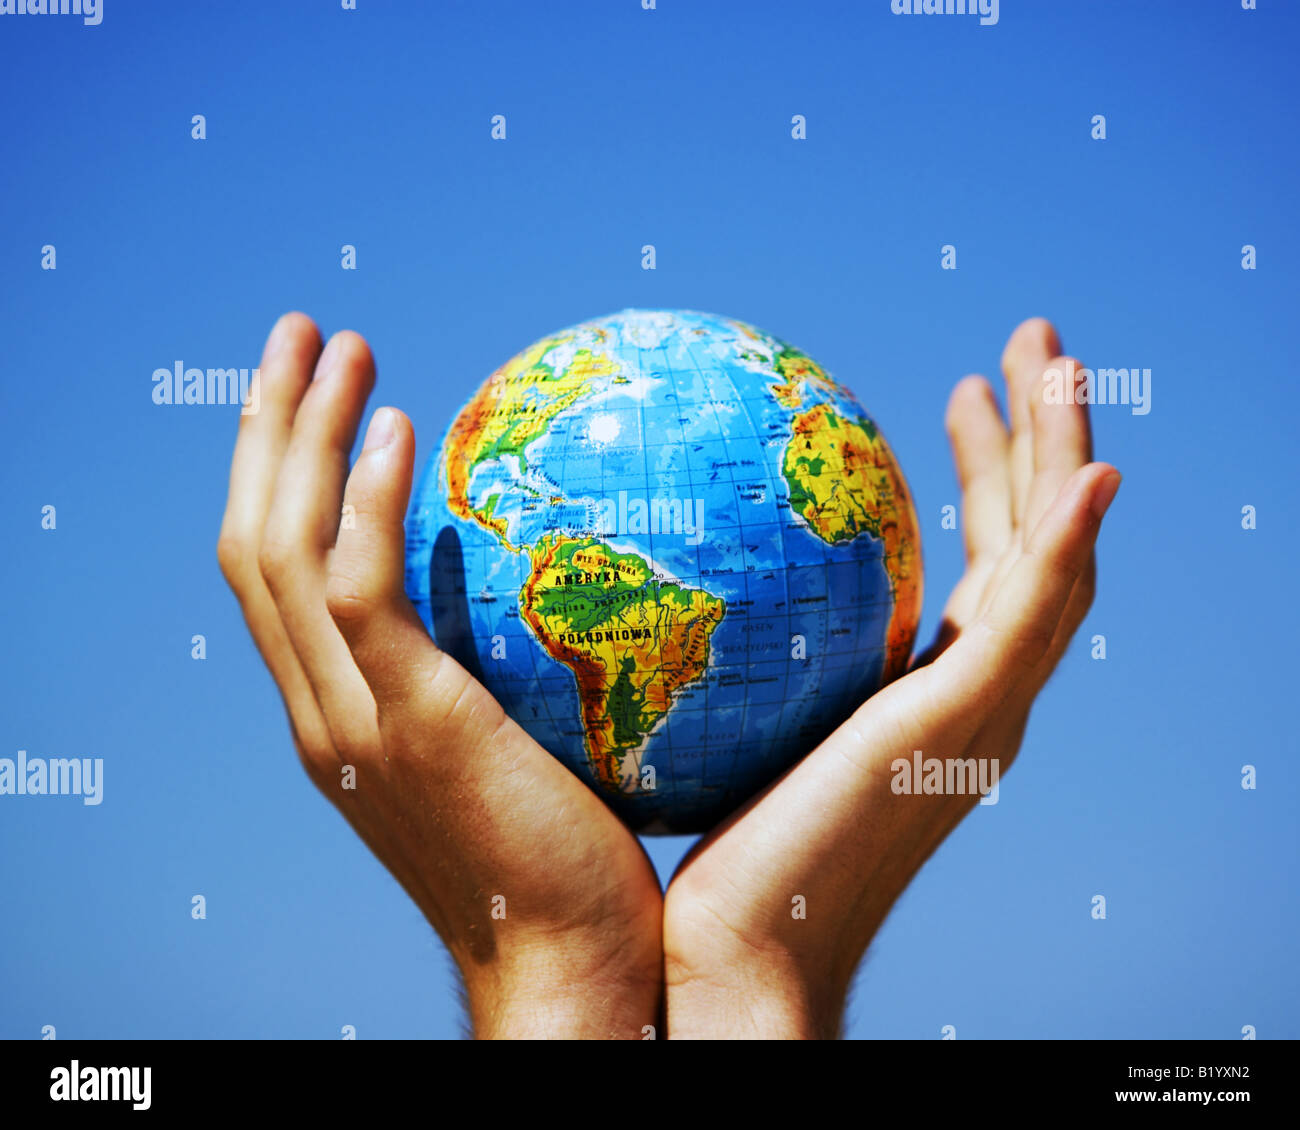 Globo terrestre en manos protegidas. Concepto de protección del globo, reciclaje, cuestiones mundiales, temas Imagen De Stock